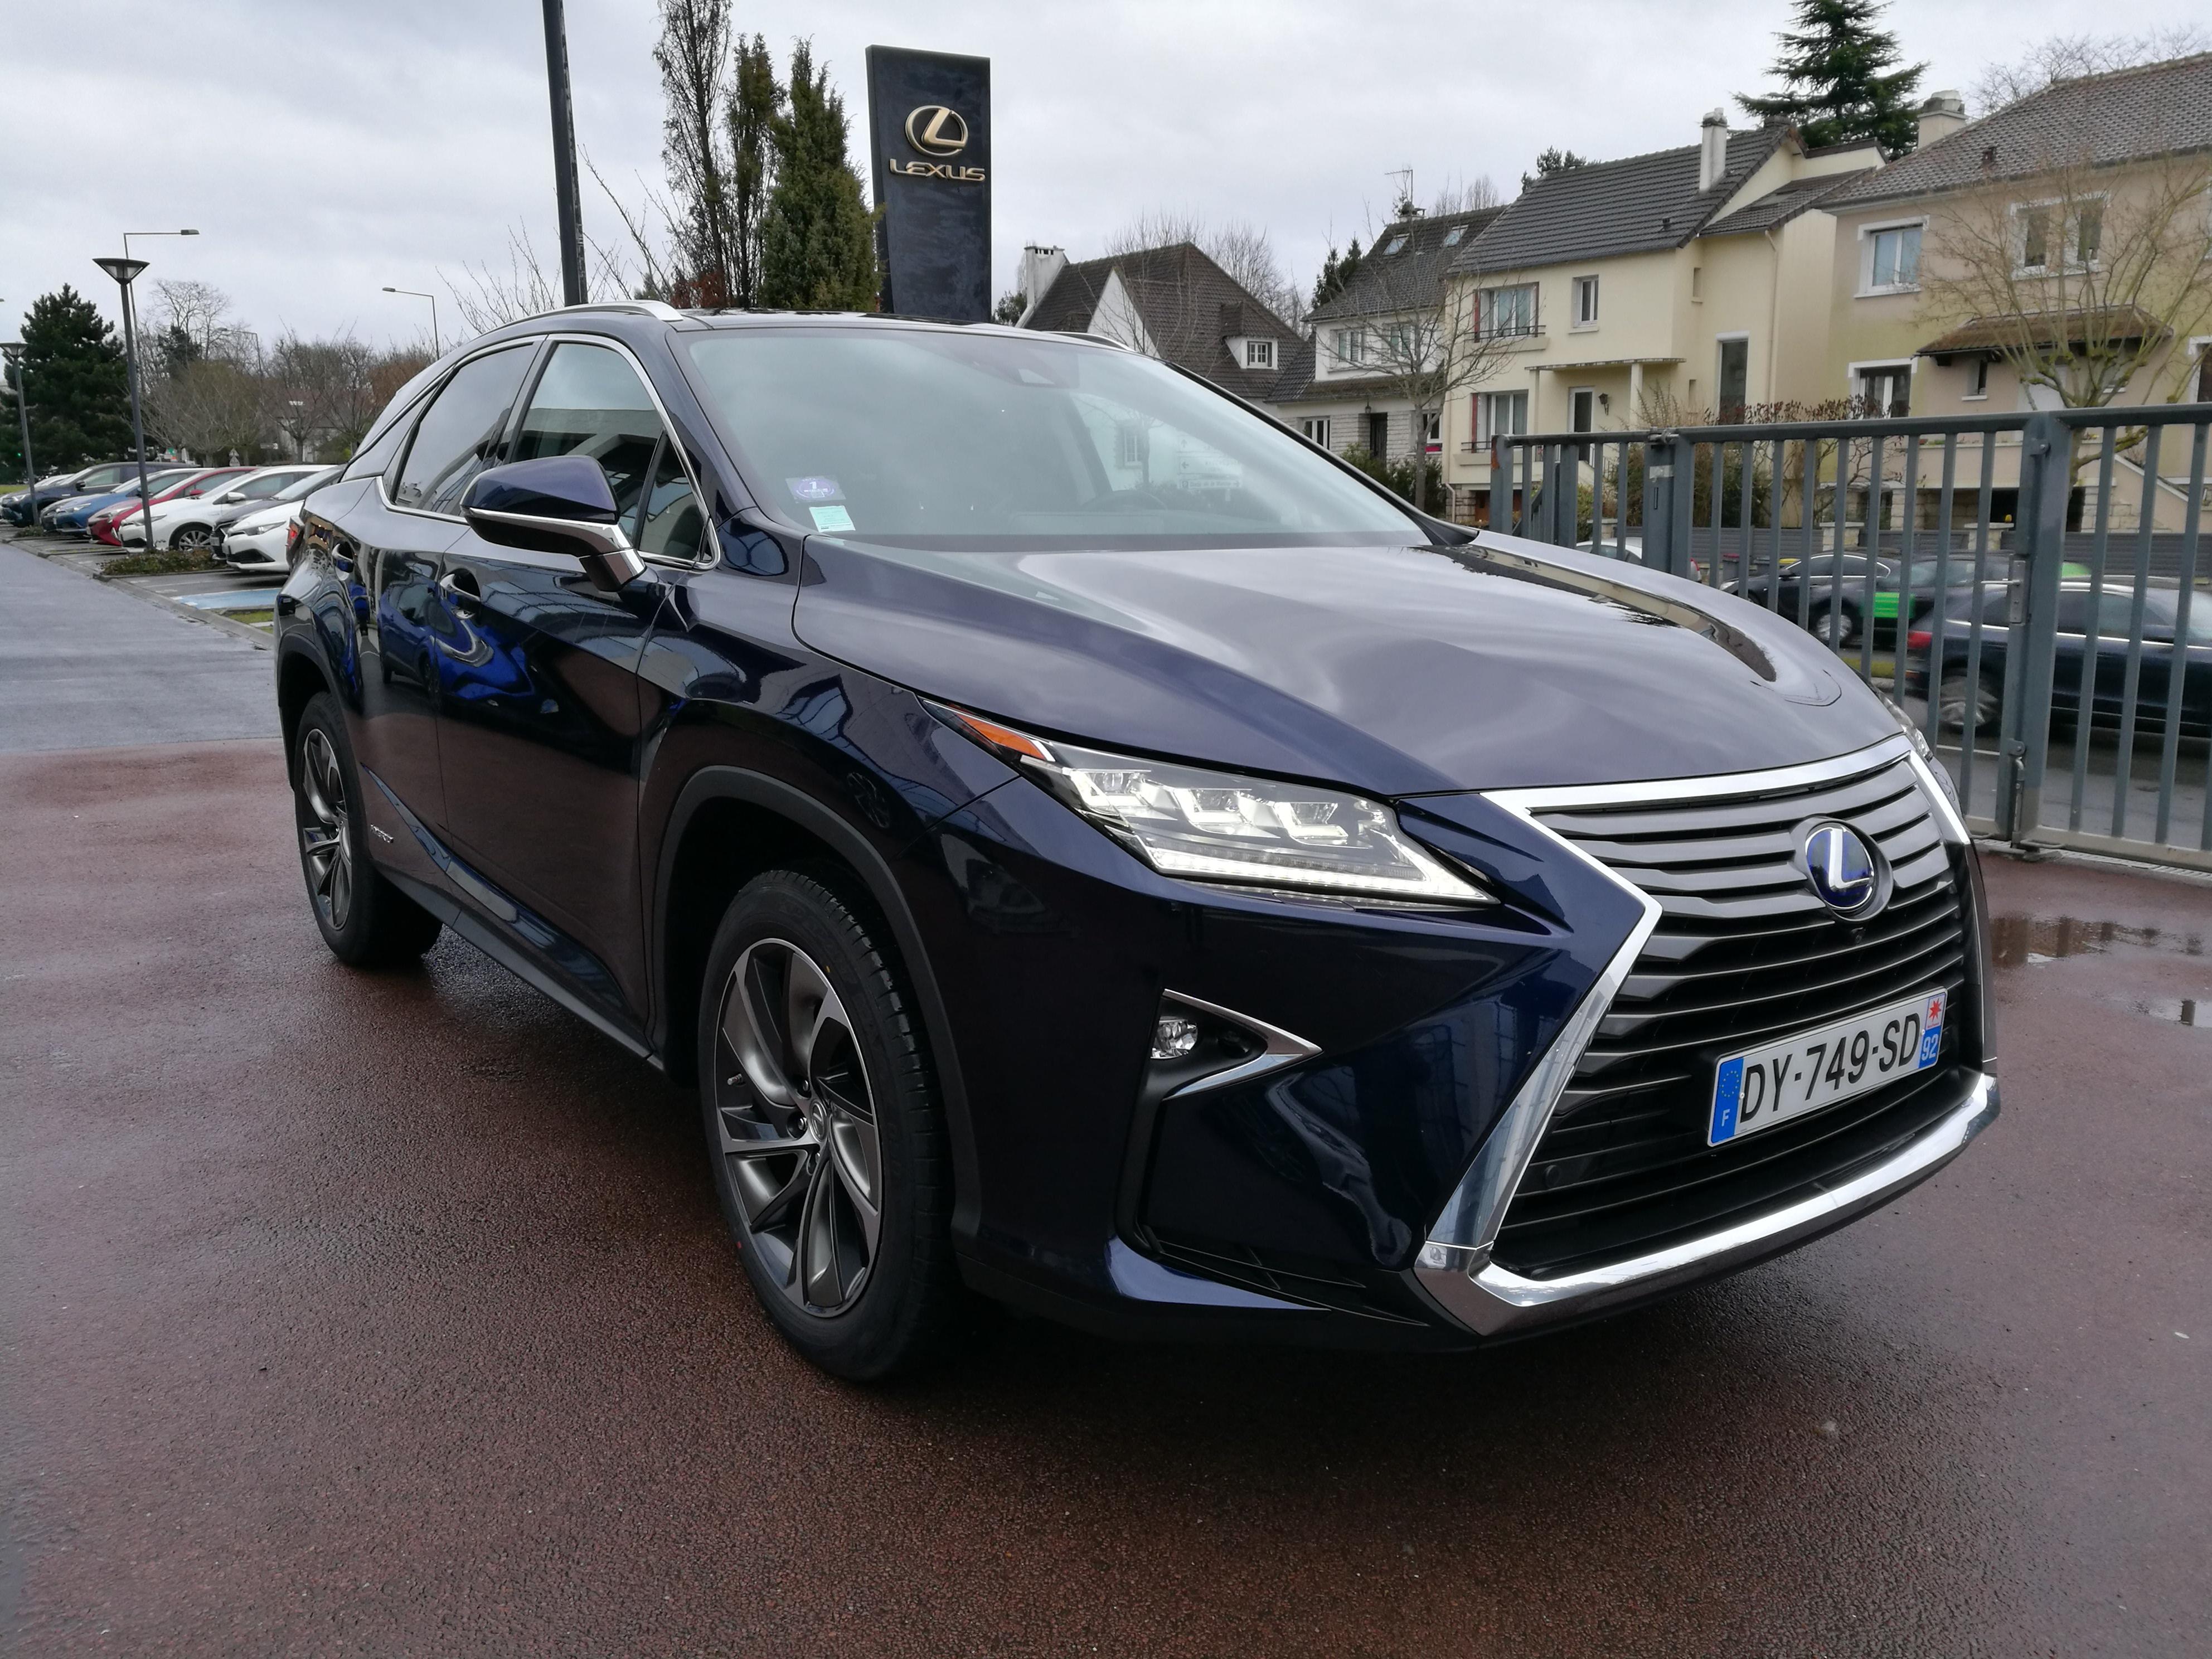 Essai du Lexus RX450h : le luxe à la japonaise